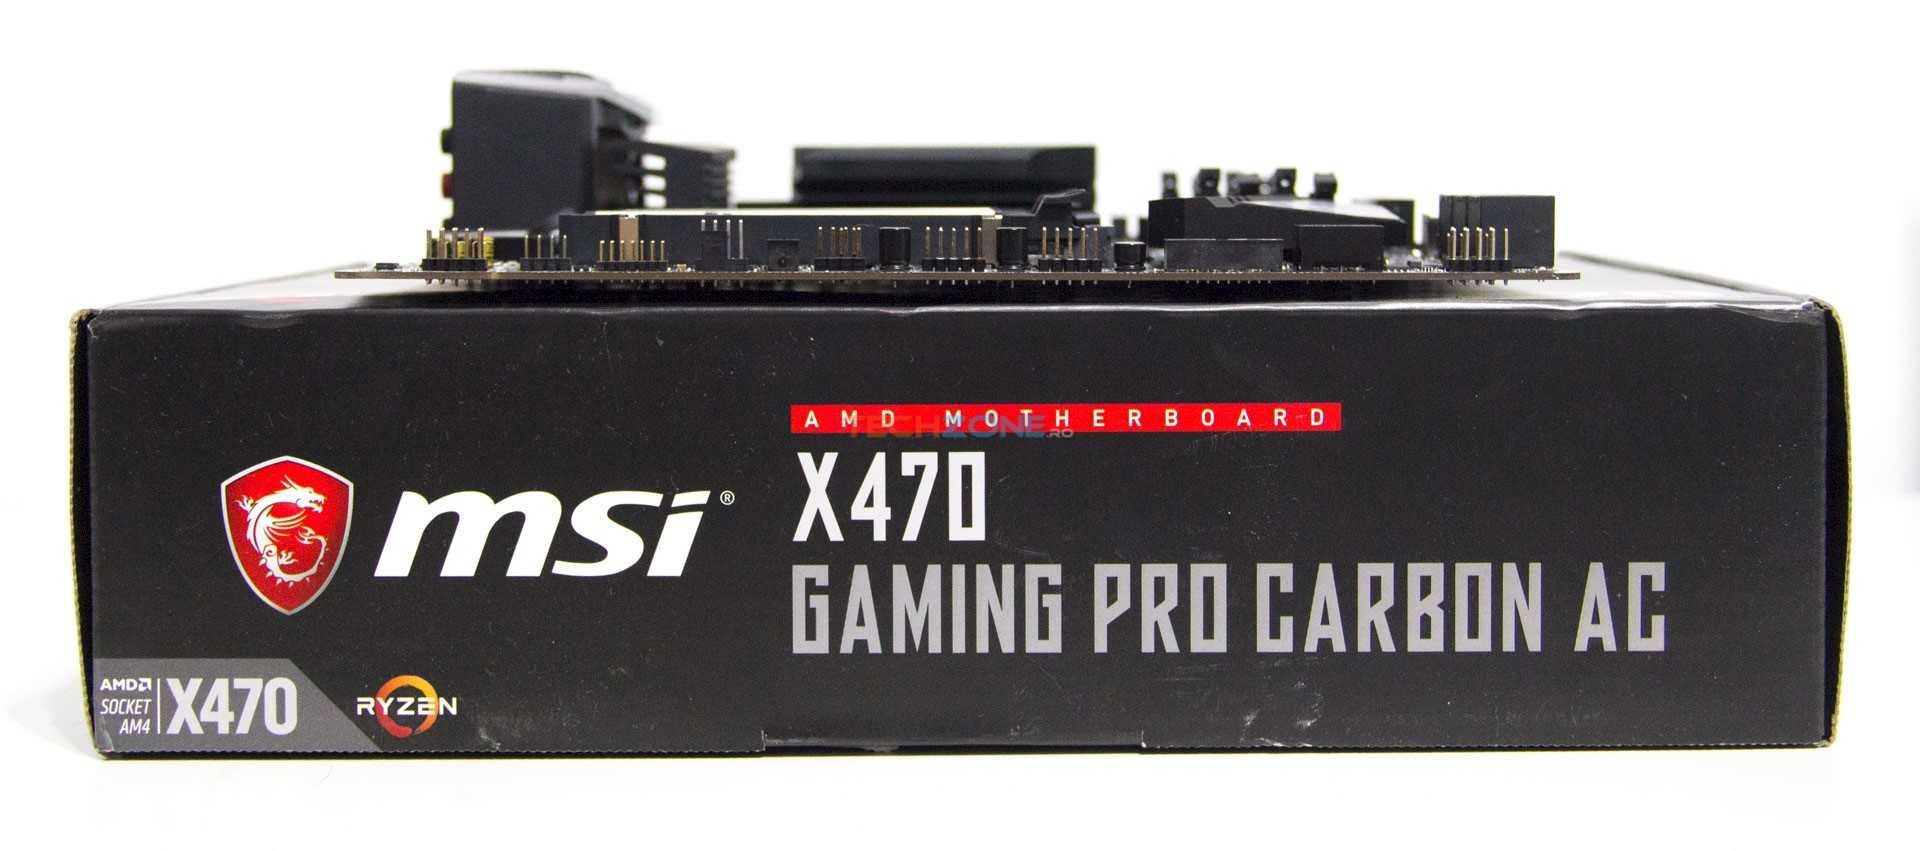 MSI X470 Gaming Pro Carbon AC set